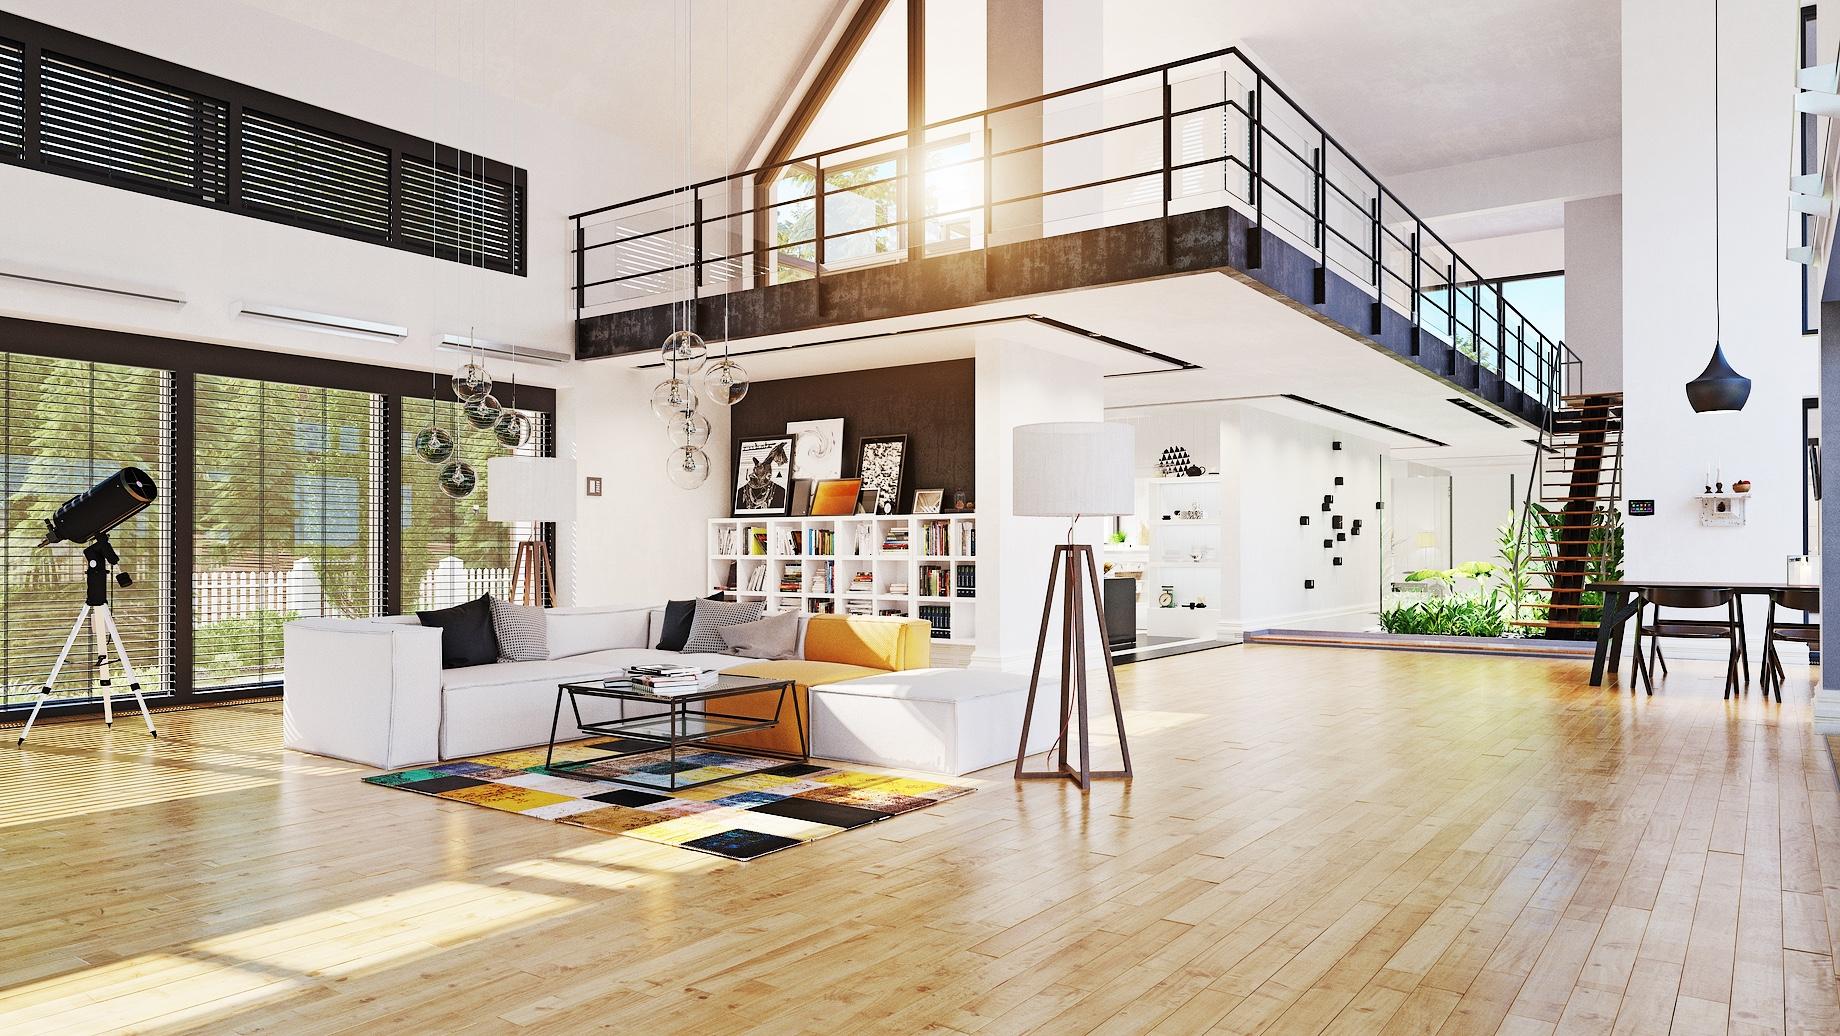 Modern Interior - Luxury Home